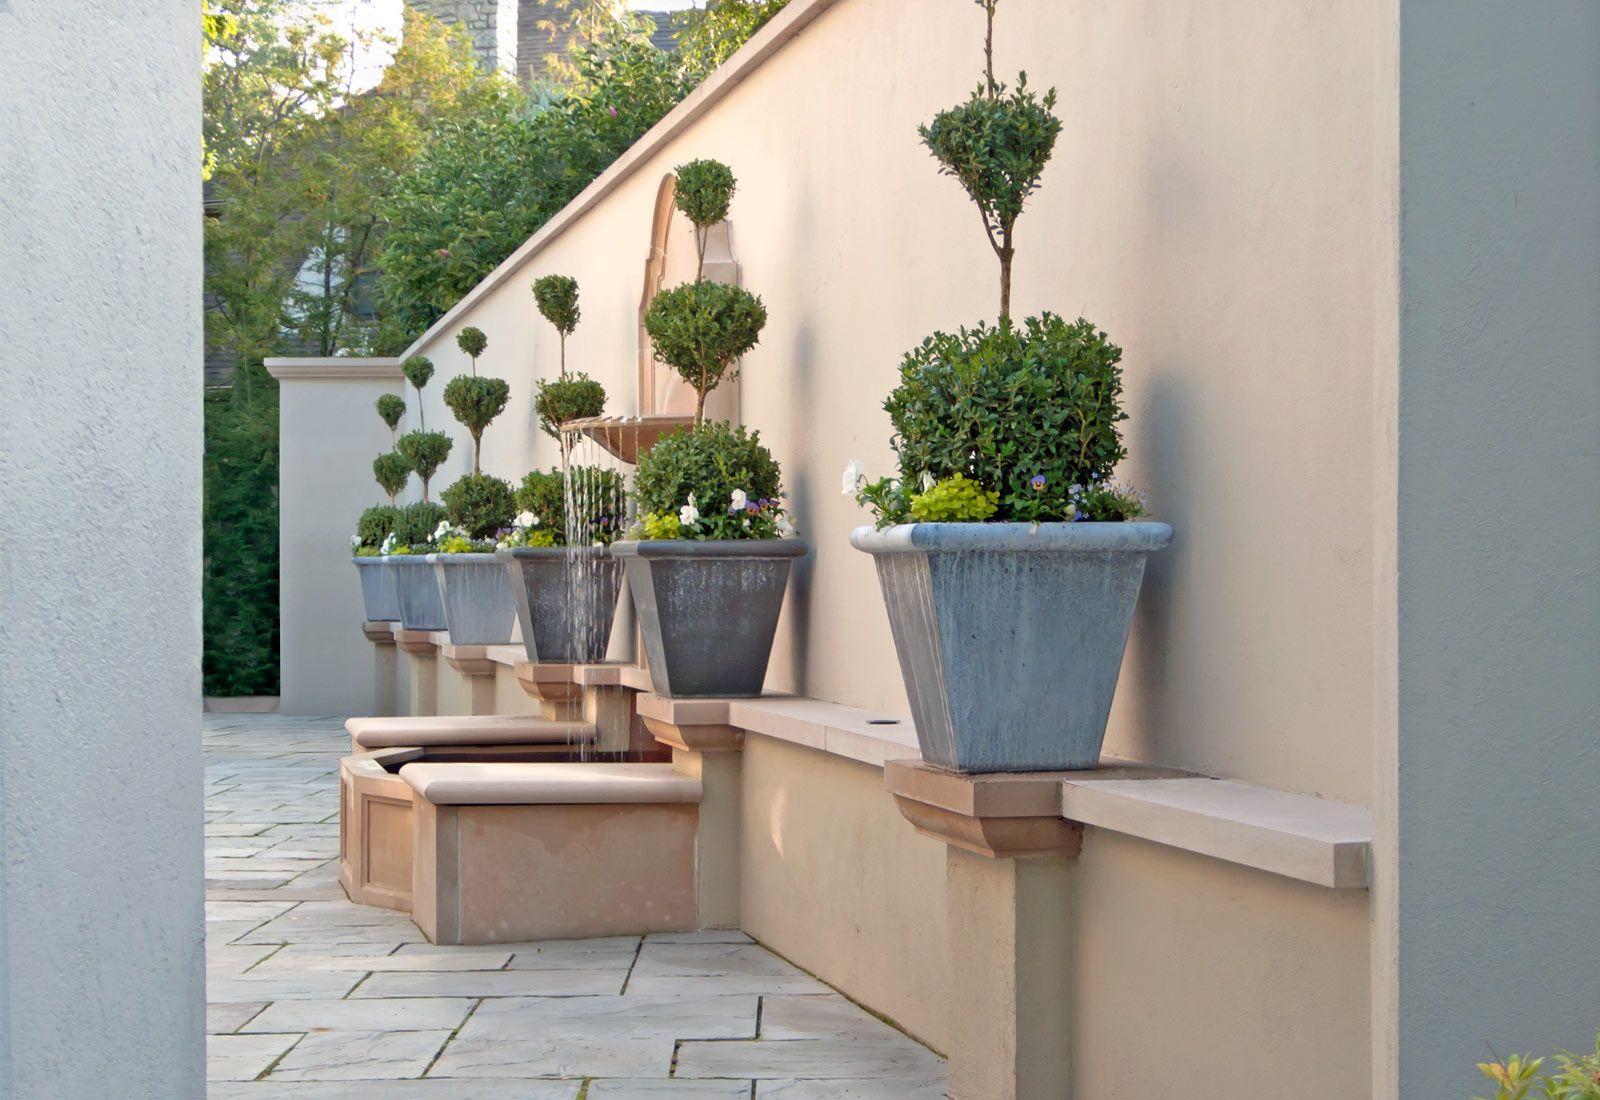 garden design llc columbus ohio Garden design, Garden